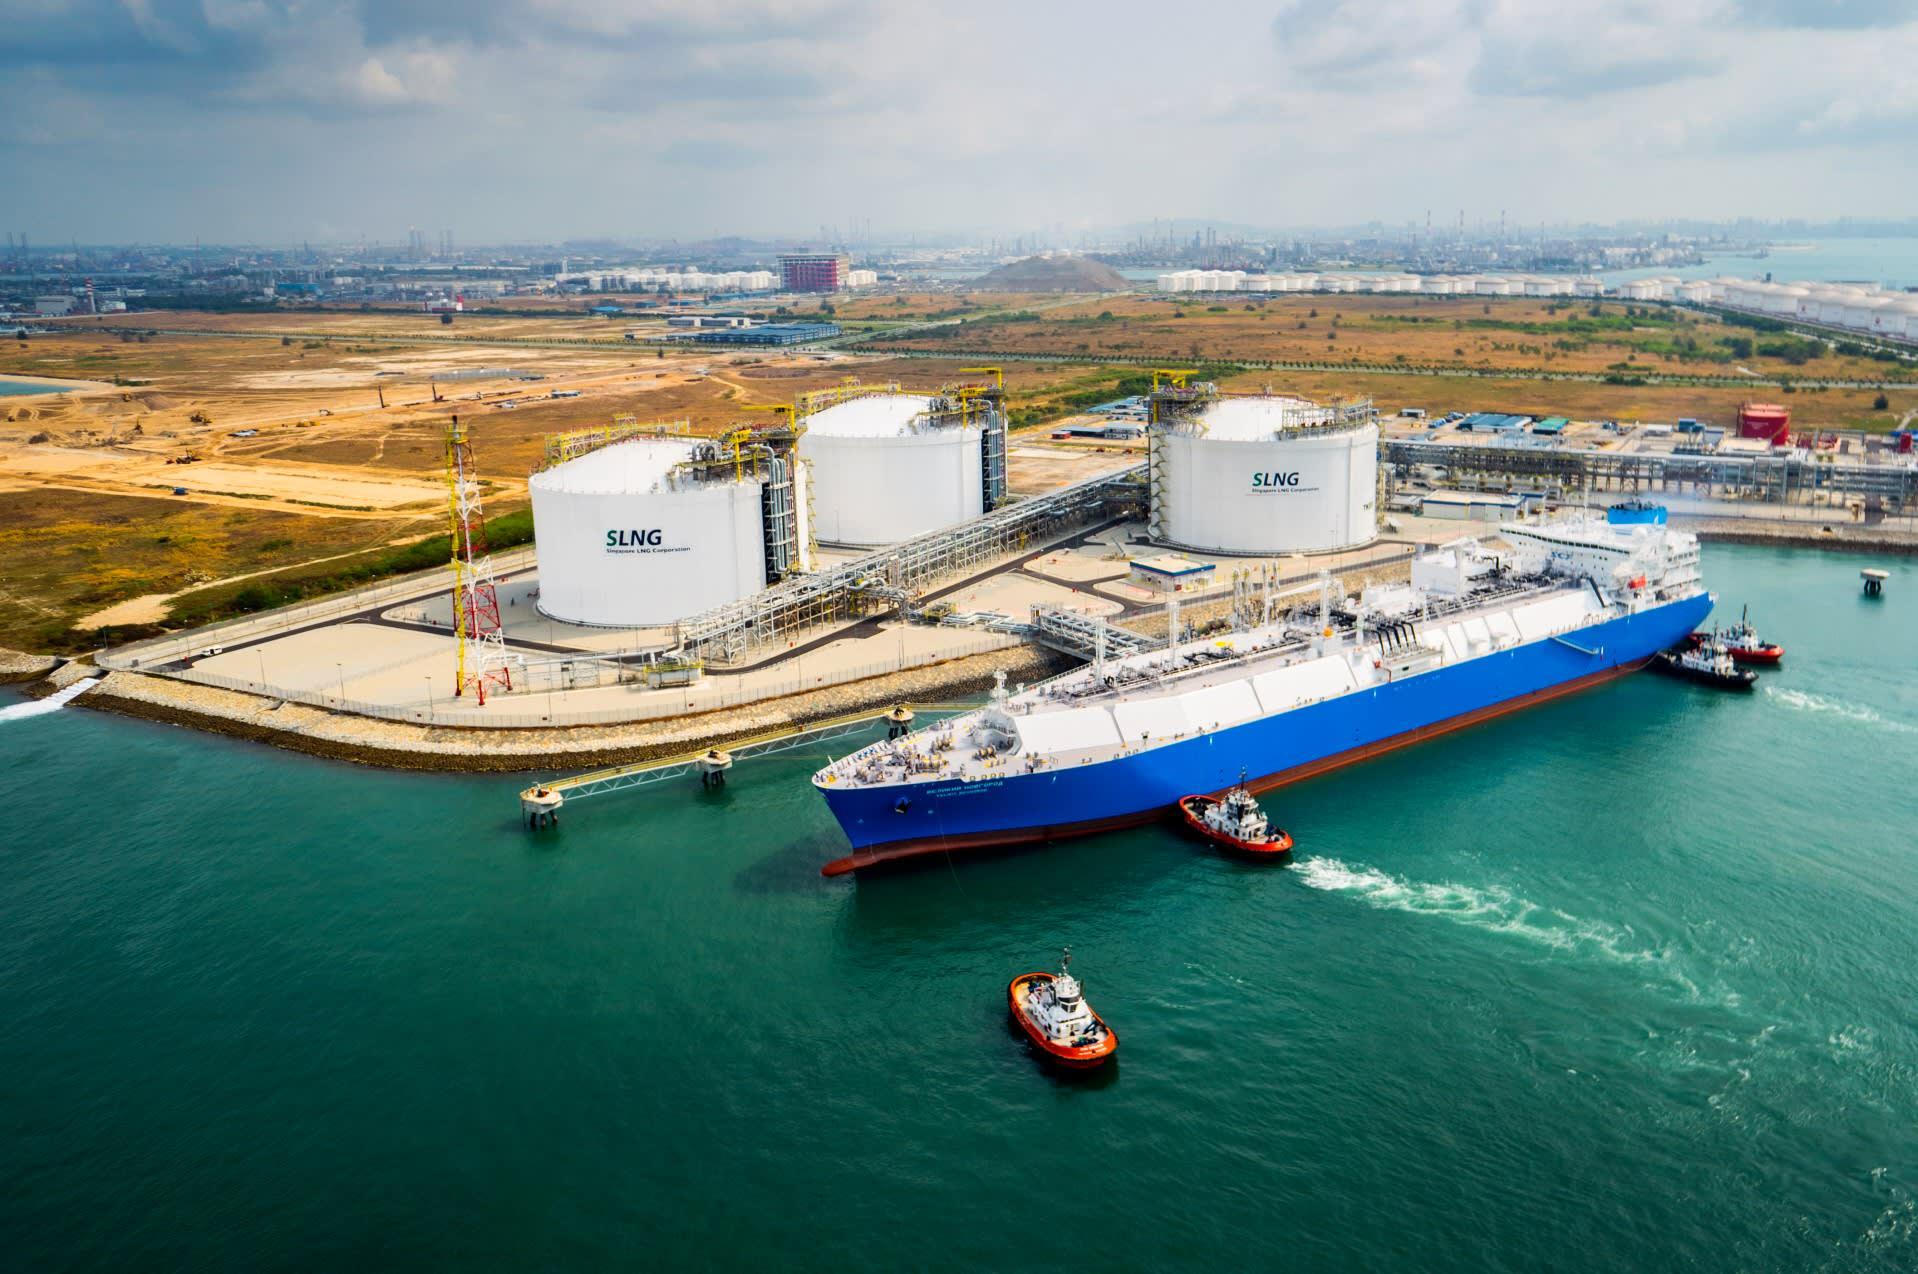 Singapore LNG Corporation завершила реконструкцию СПГ терминала на острове Джуронг